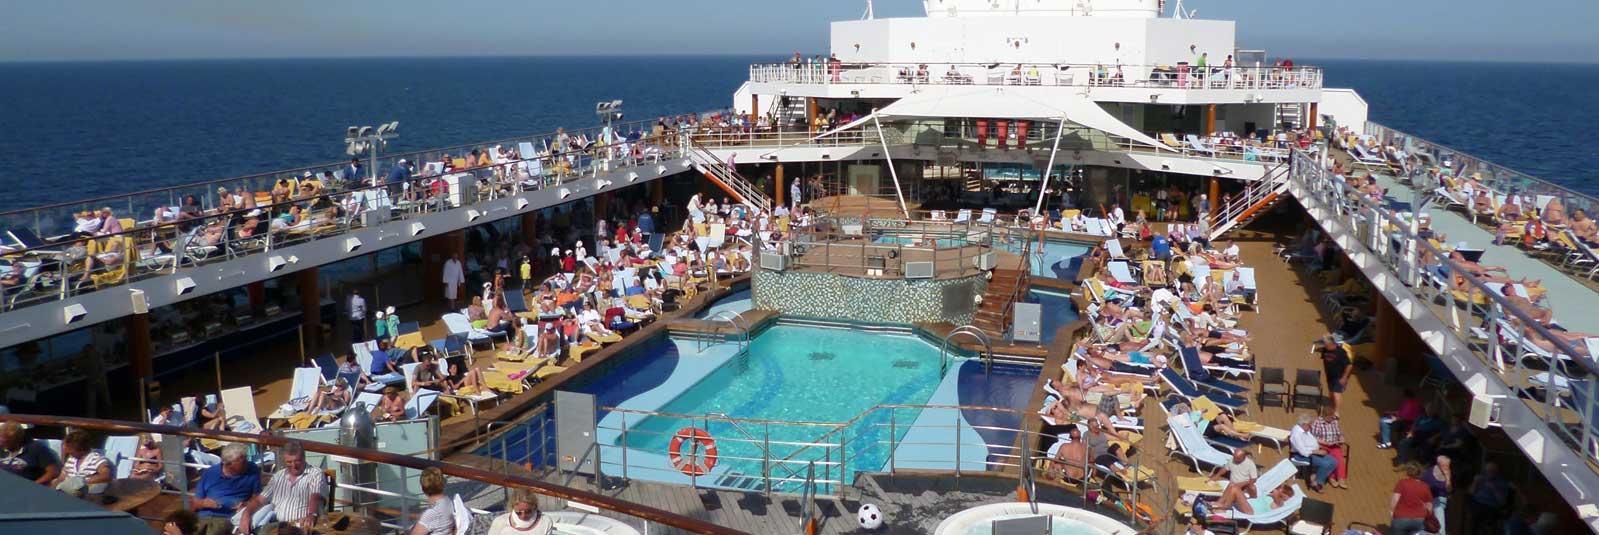 Book-Norwegian-Cruise-Line-with-Dadabhai-Travel.jpg